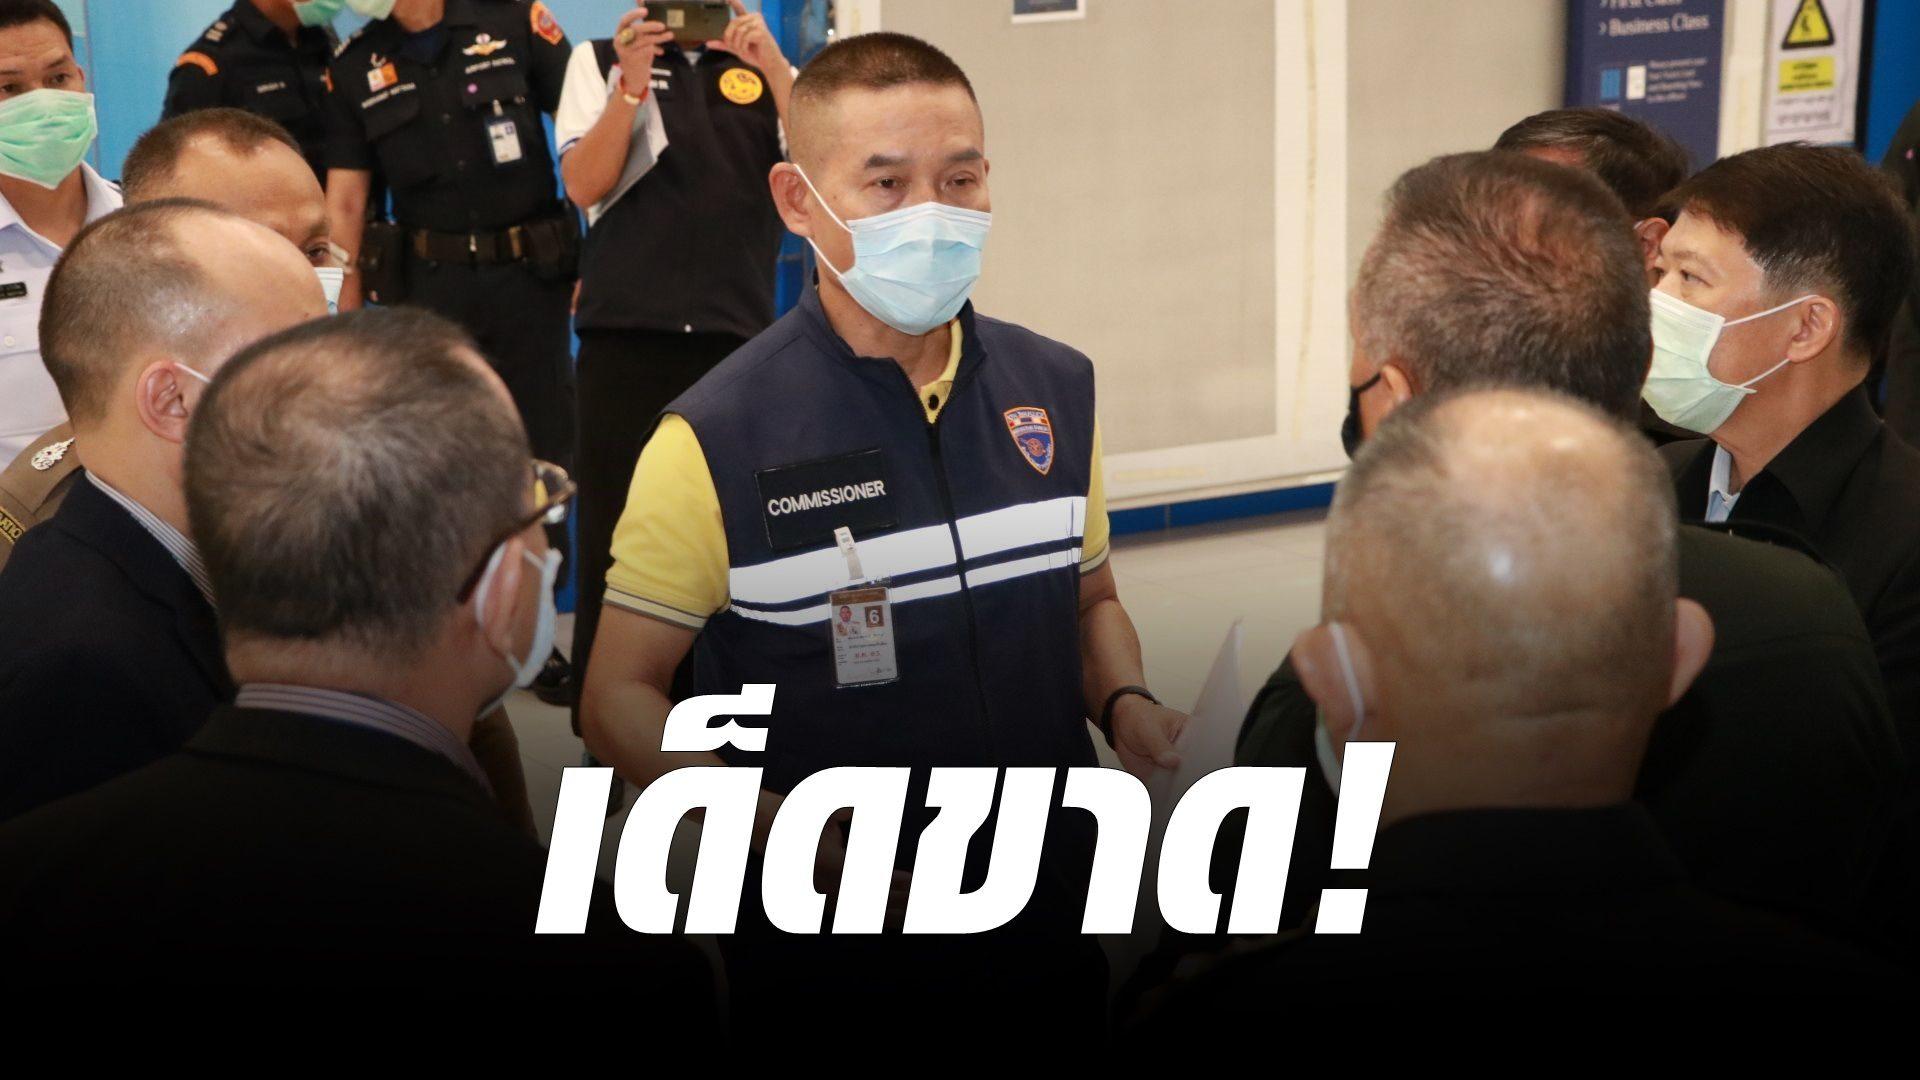 บิ๊กอู๊ด ขอบคุณ 158 คนไทย รายงานตัว ย้ำภาครัฐ ห้ามเผยชื่อเด็ดขาด หลังโผล่โซเชียลอื้อ